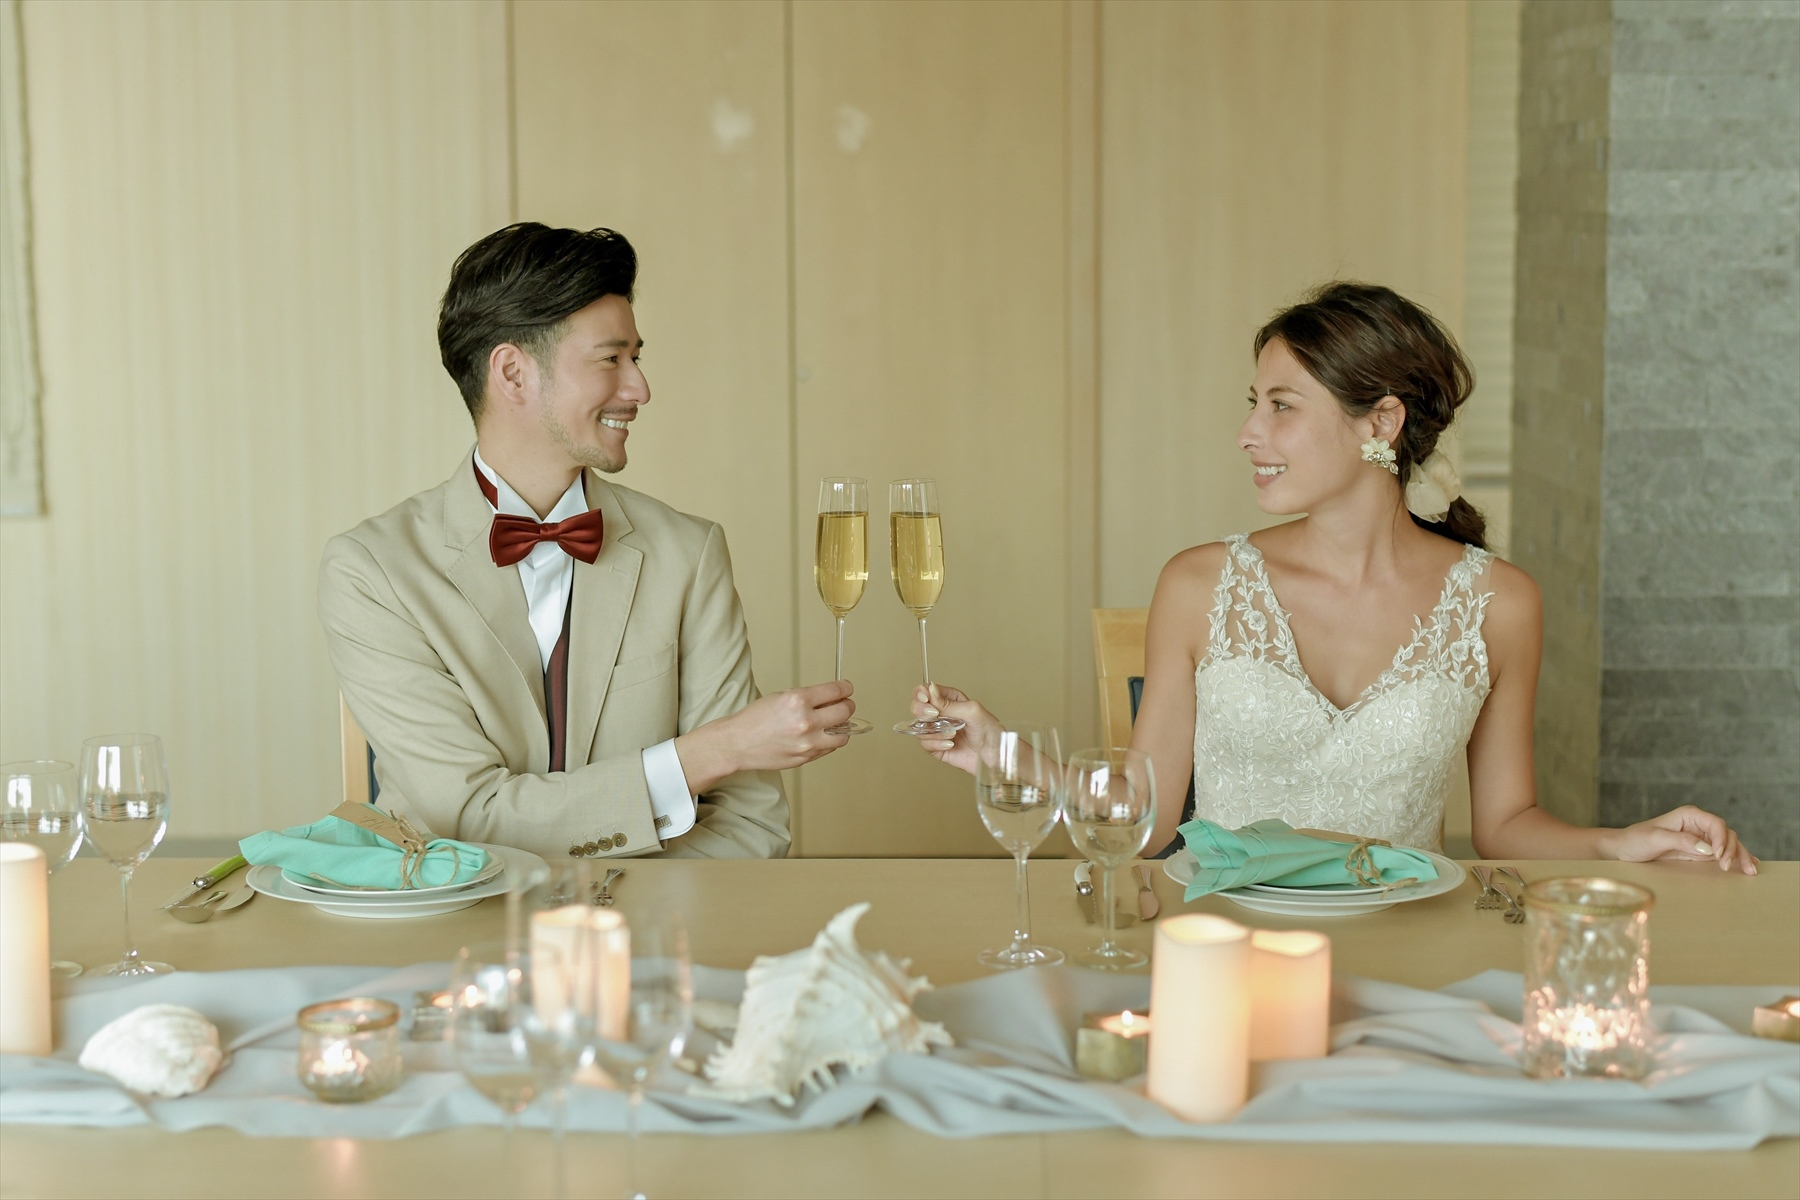 静岡邸宅結婚式 貸切ウェディングパーティー ブライダルフォト